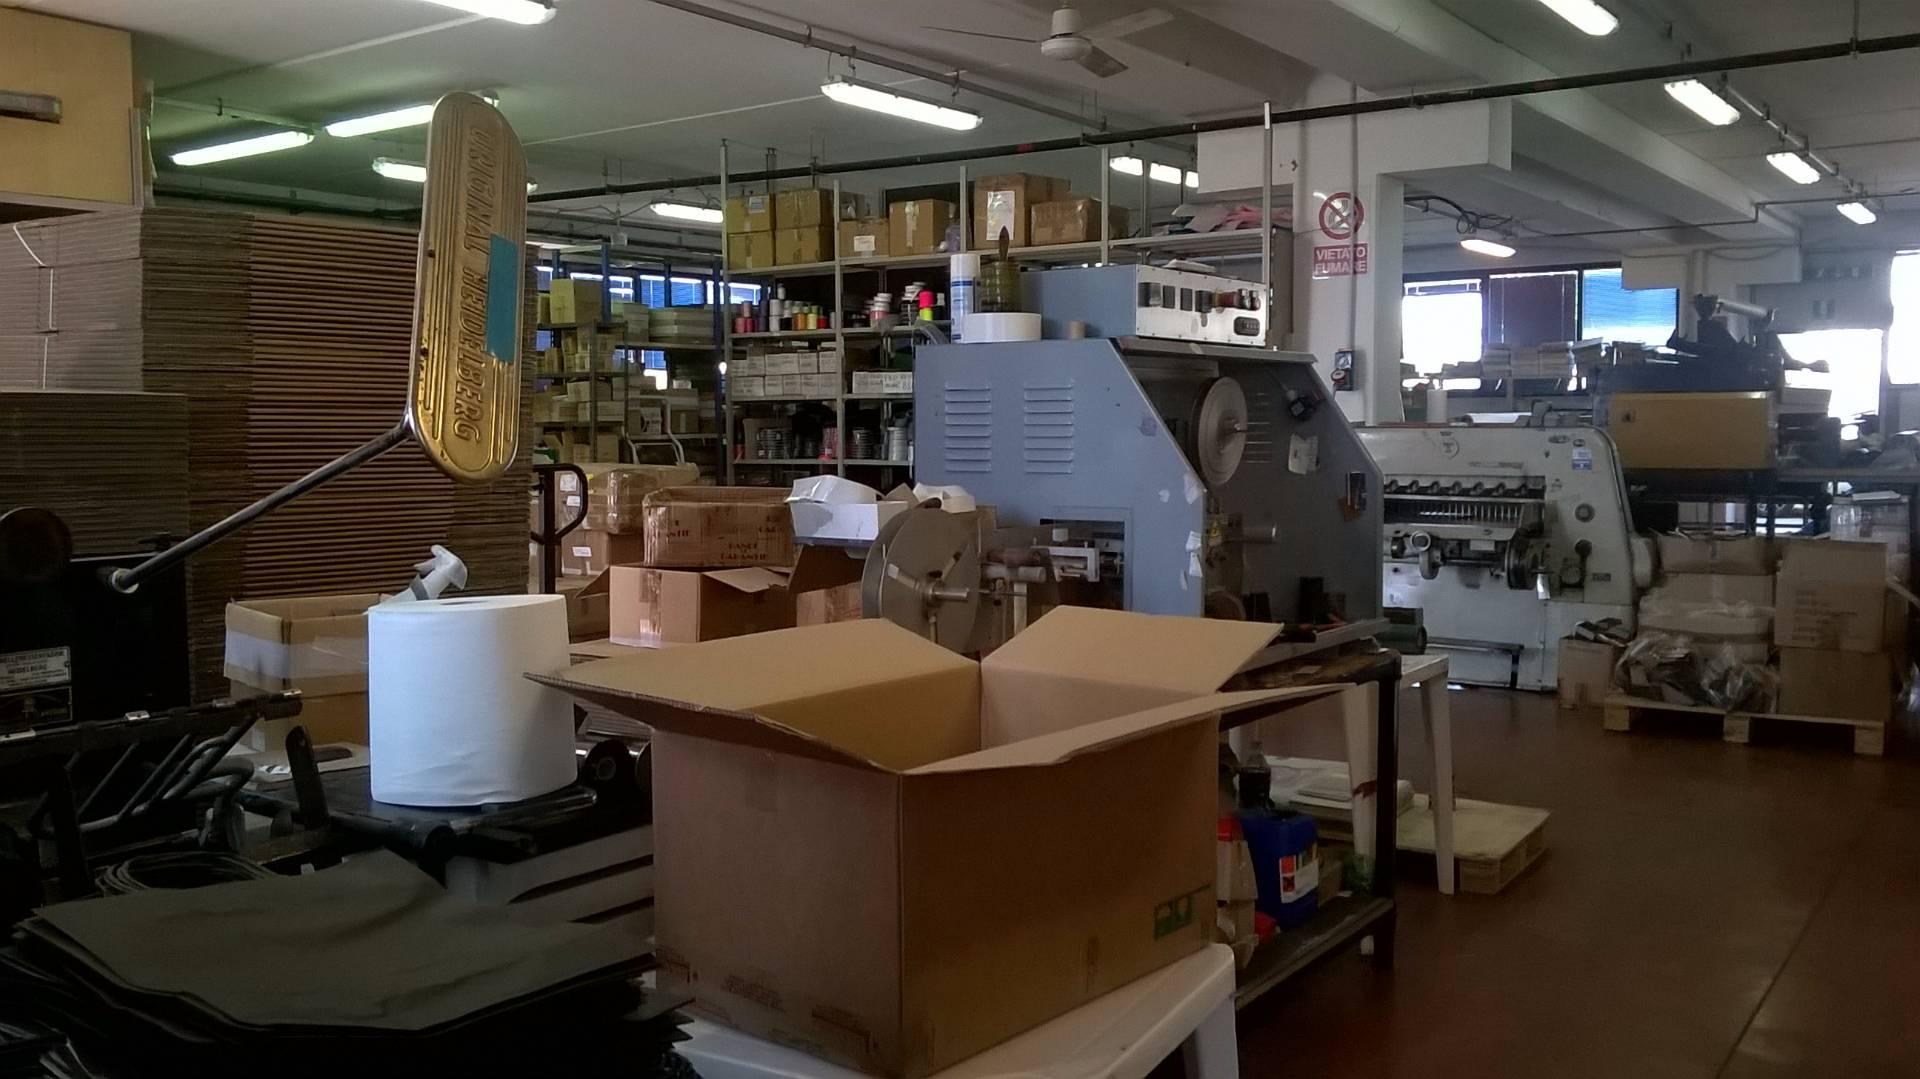 Laboratorio in vendita a Pisa, 9999 locali, zona Zona: Ospedaletto, prezzo € 1.000.000 | CambioCasa.it